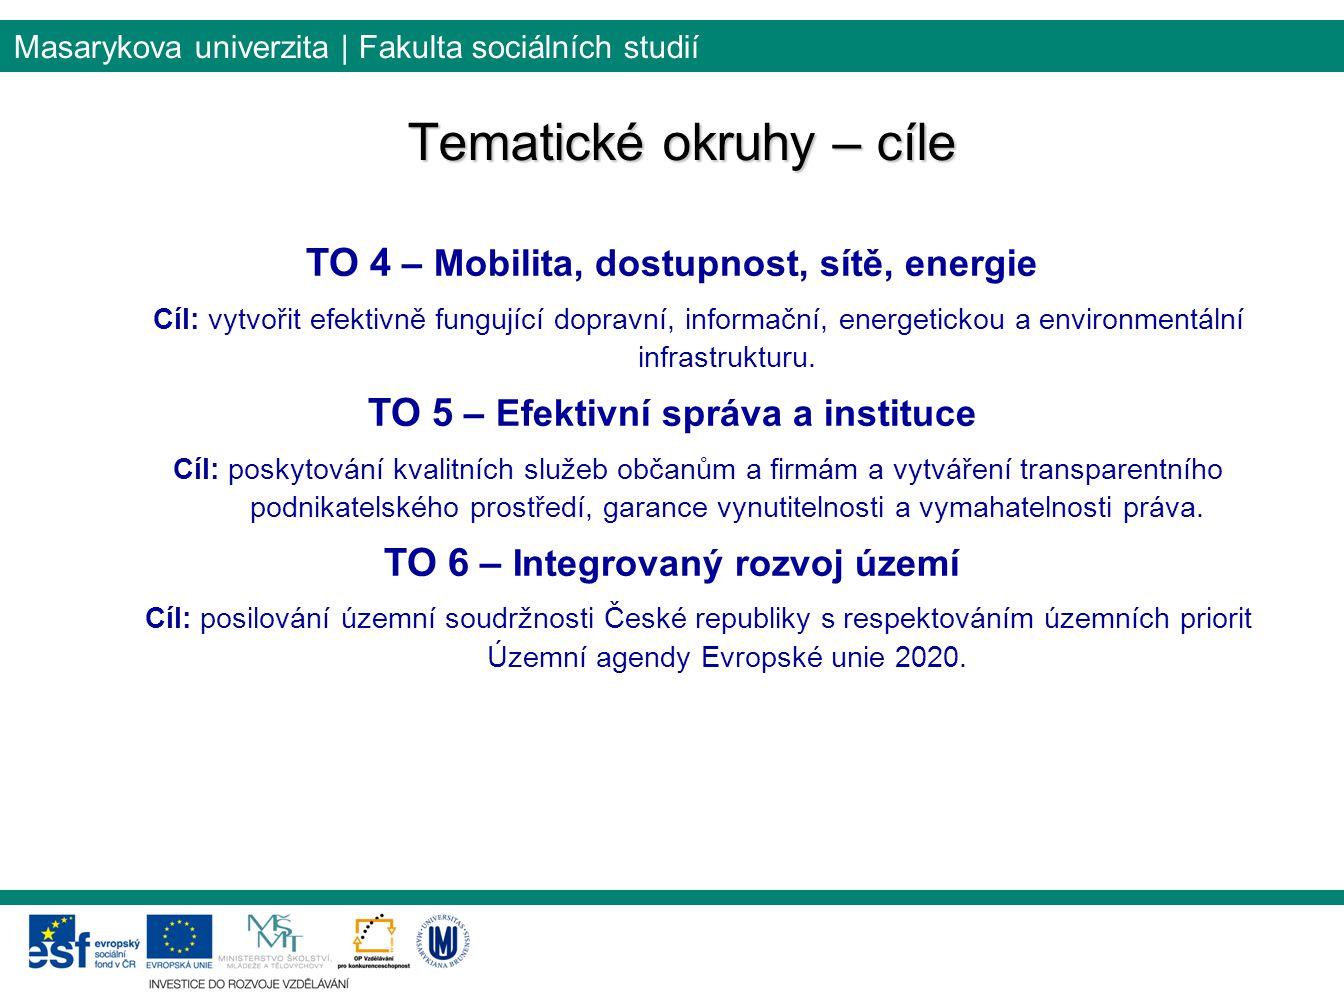 Masarykova univerzita | Fakulta sociálních studií Tematické okruhy – cíle TO 4 – Mobilita, dostupnost, sítě, energie Cíl: vytvořit efektivně fungující